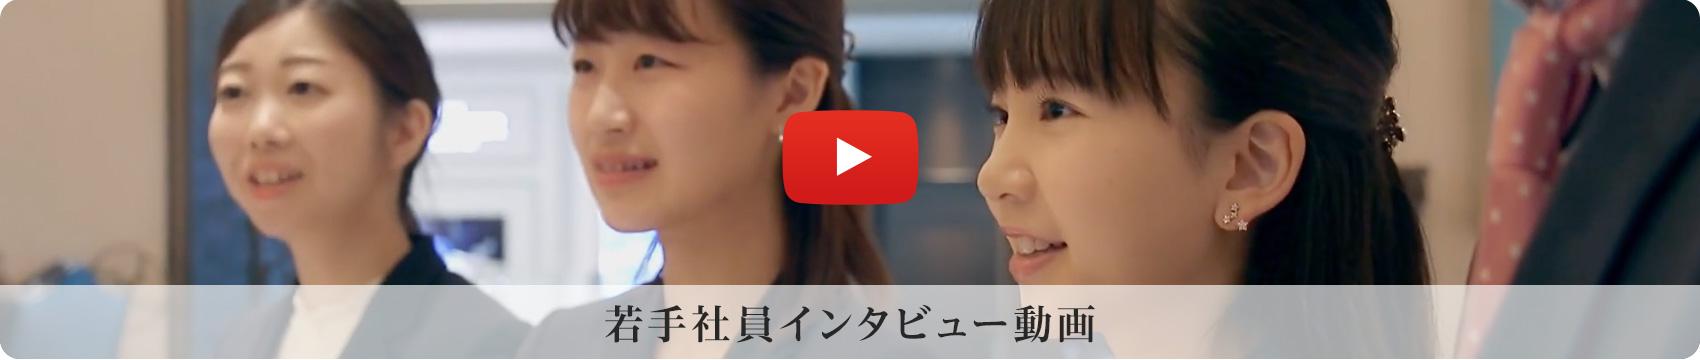 若手社員インタビュー動画